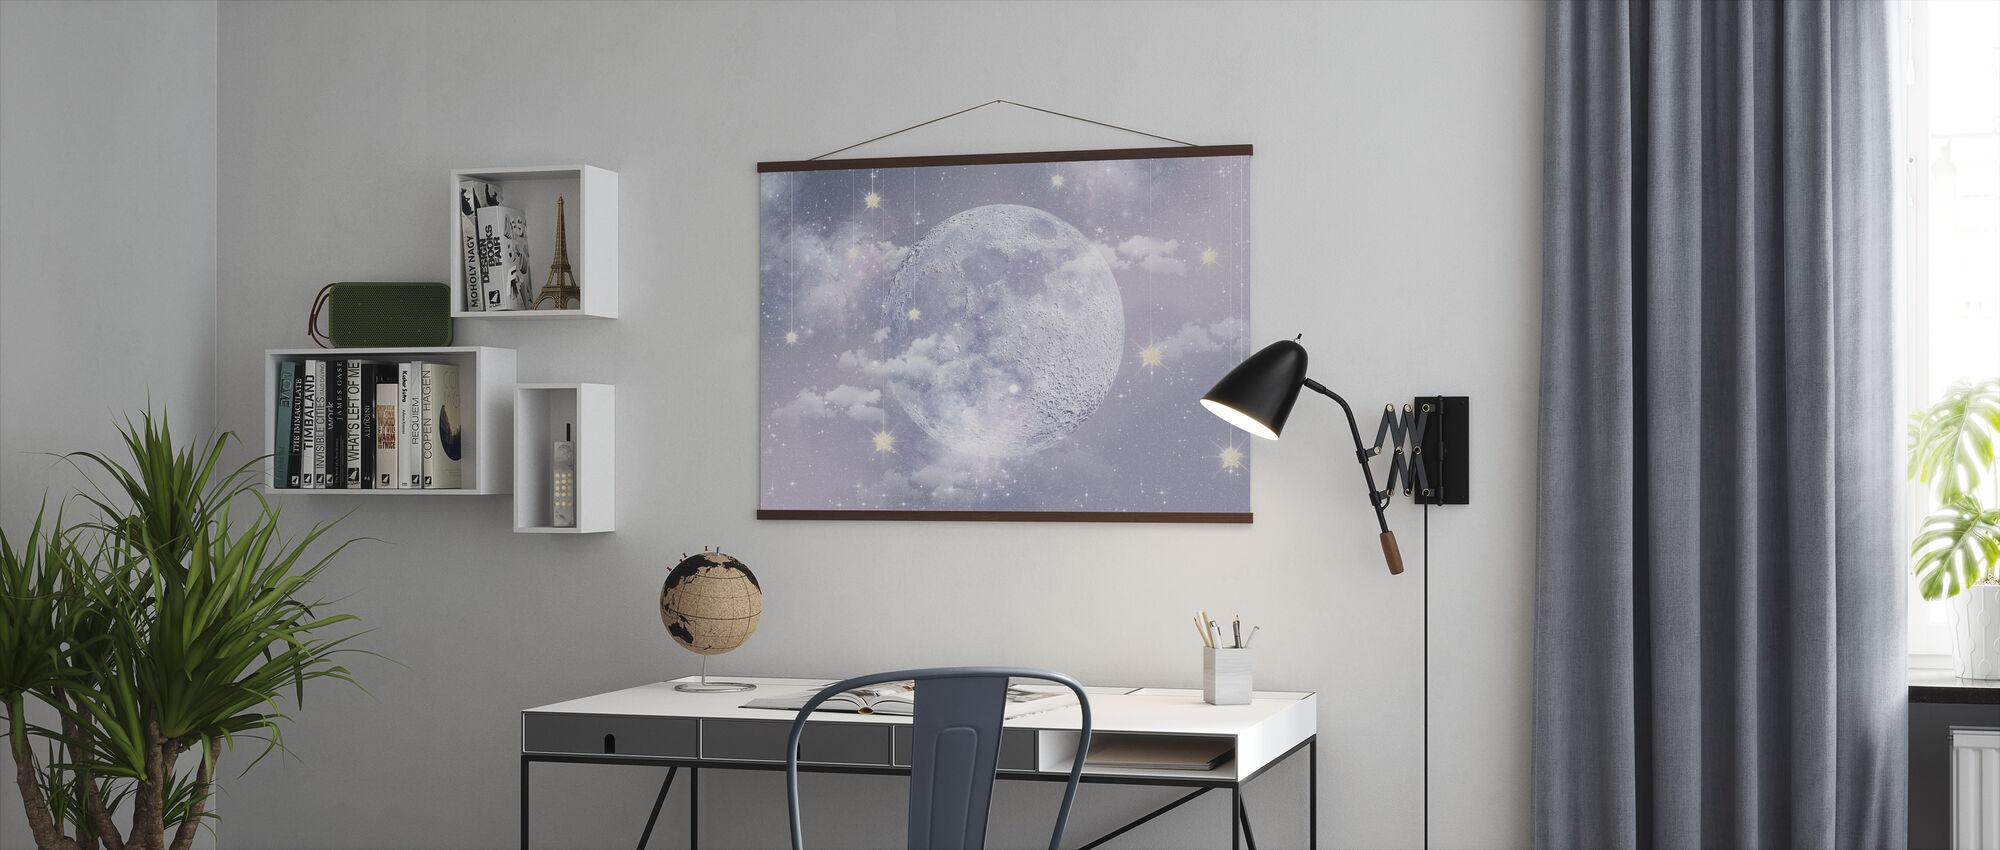 Maan met sterren - Poster - Kantoor